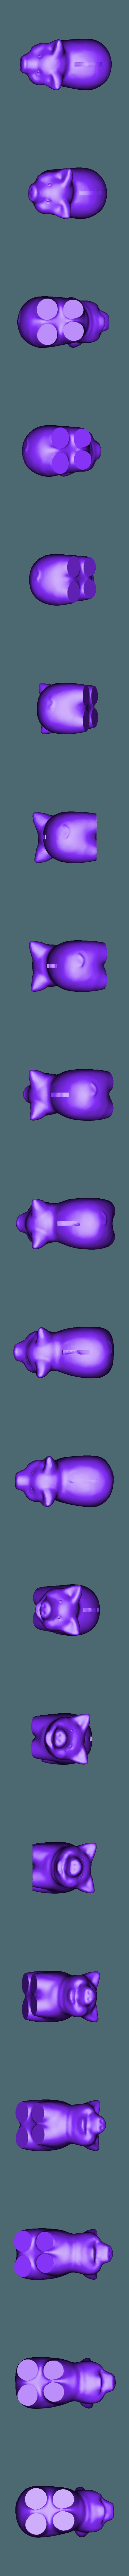 PiggyBank.stl Télécharger fichier STL gratuit Tirelire (Scan 3D édité) • Design imprimable en 3D, 3DWP